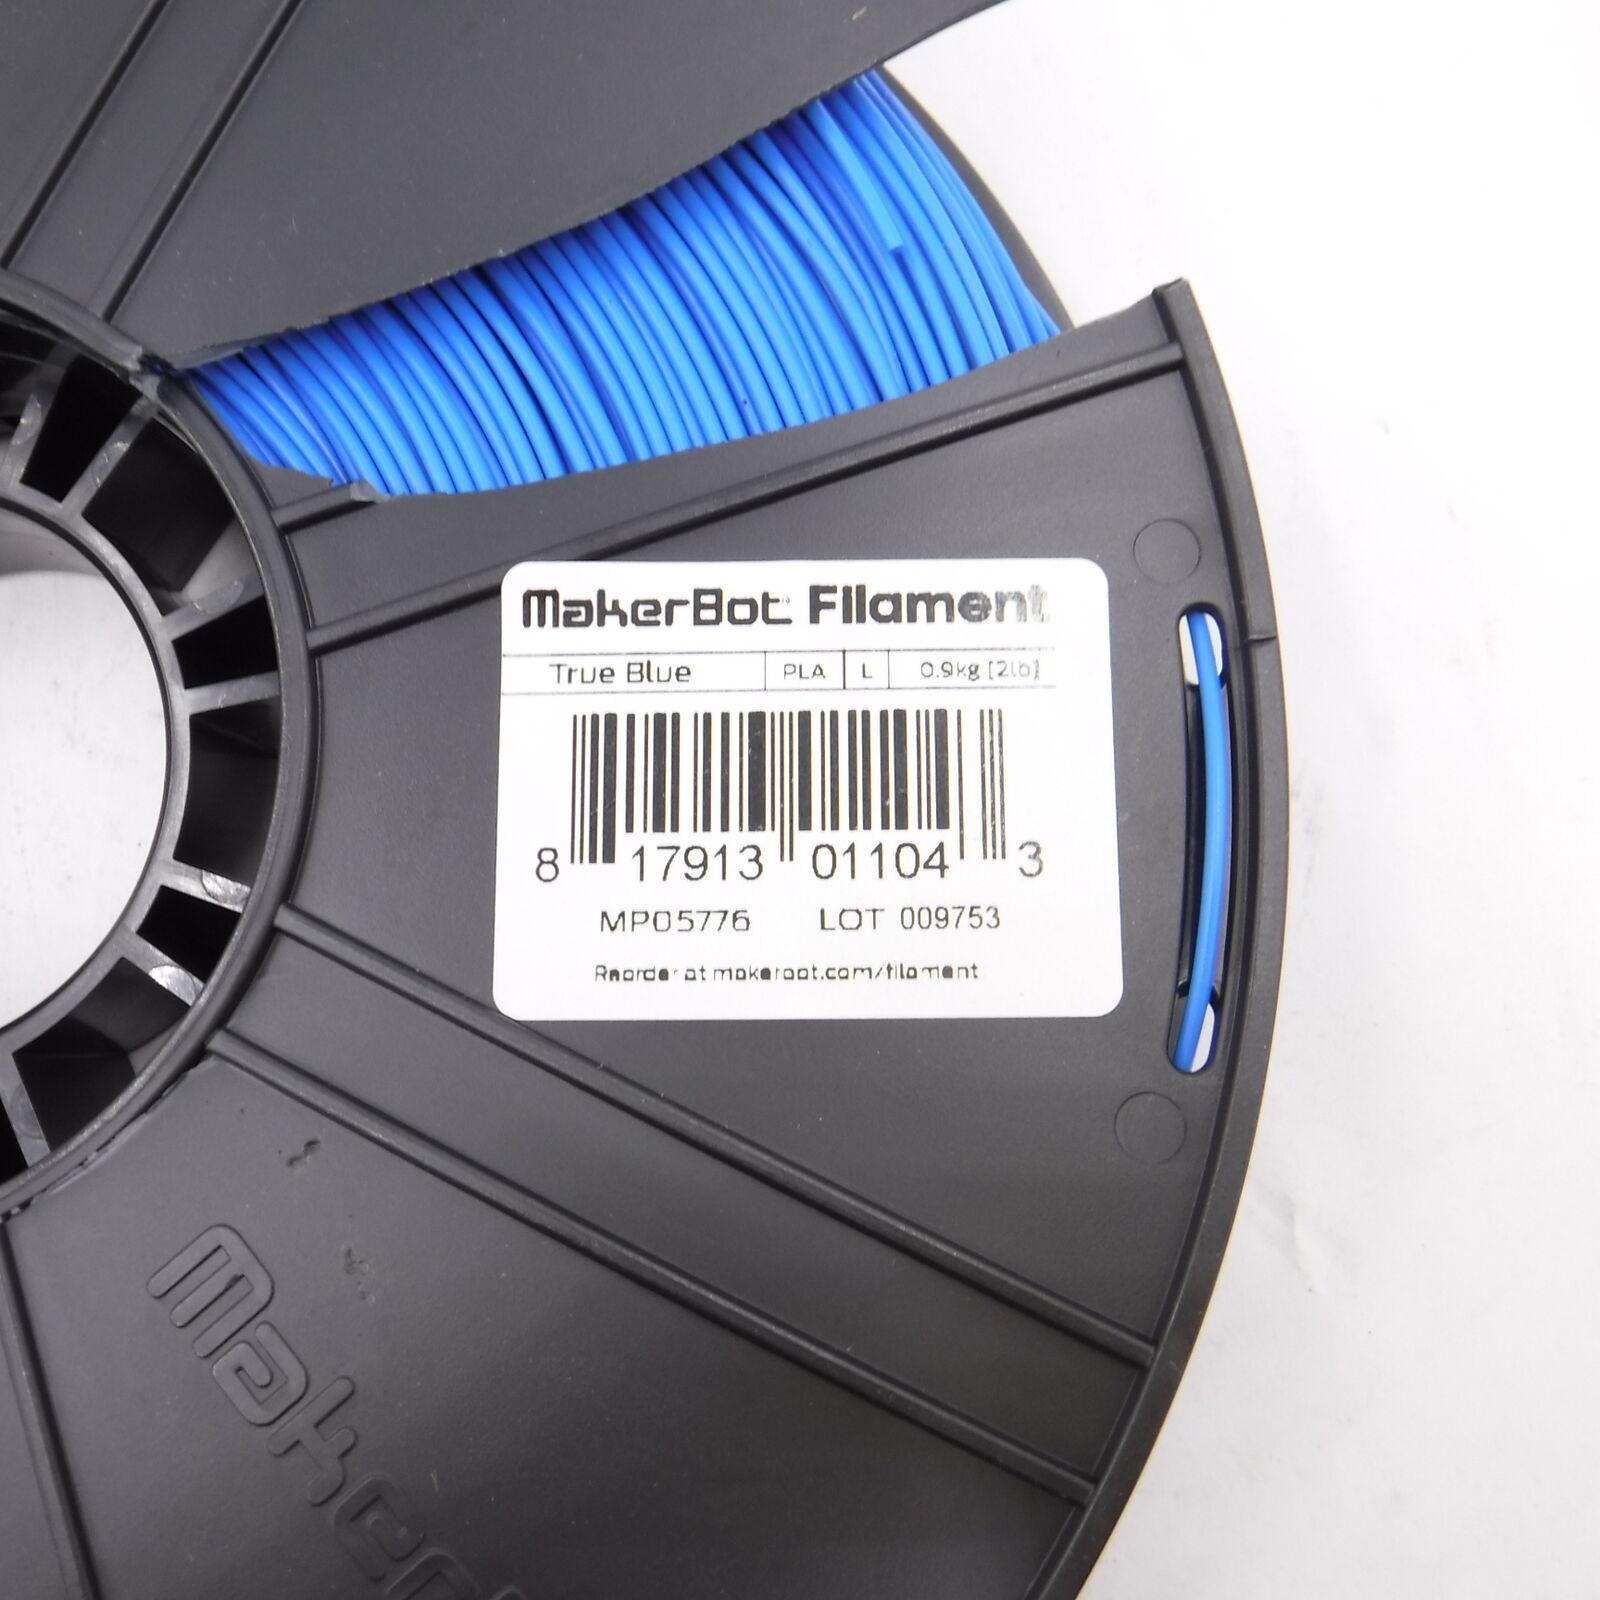 MakerBot Filament True Blue 1.75mm PLA 2lb Large Spool MP05776